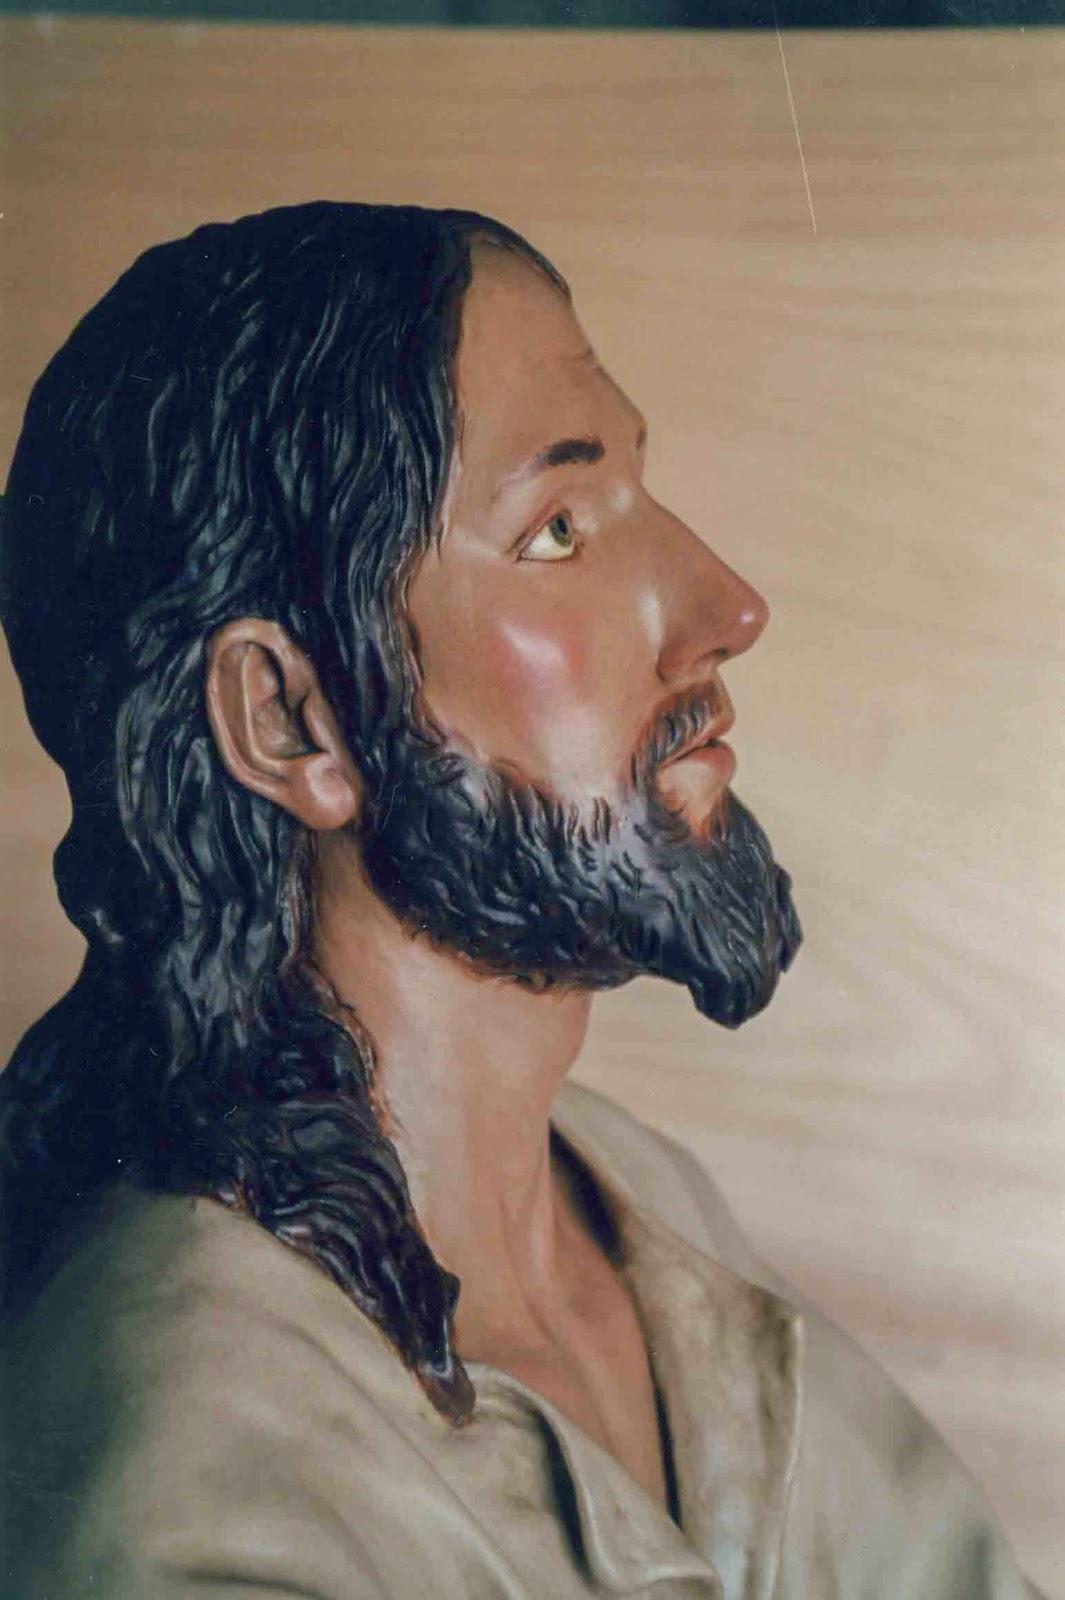 Discípulos de Emaús Semana Santa Jumilla Murcia escultura 5